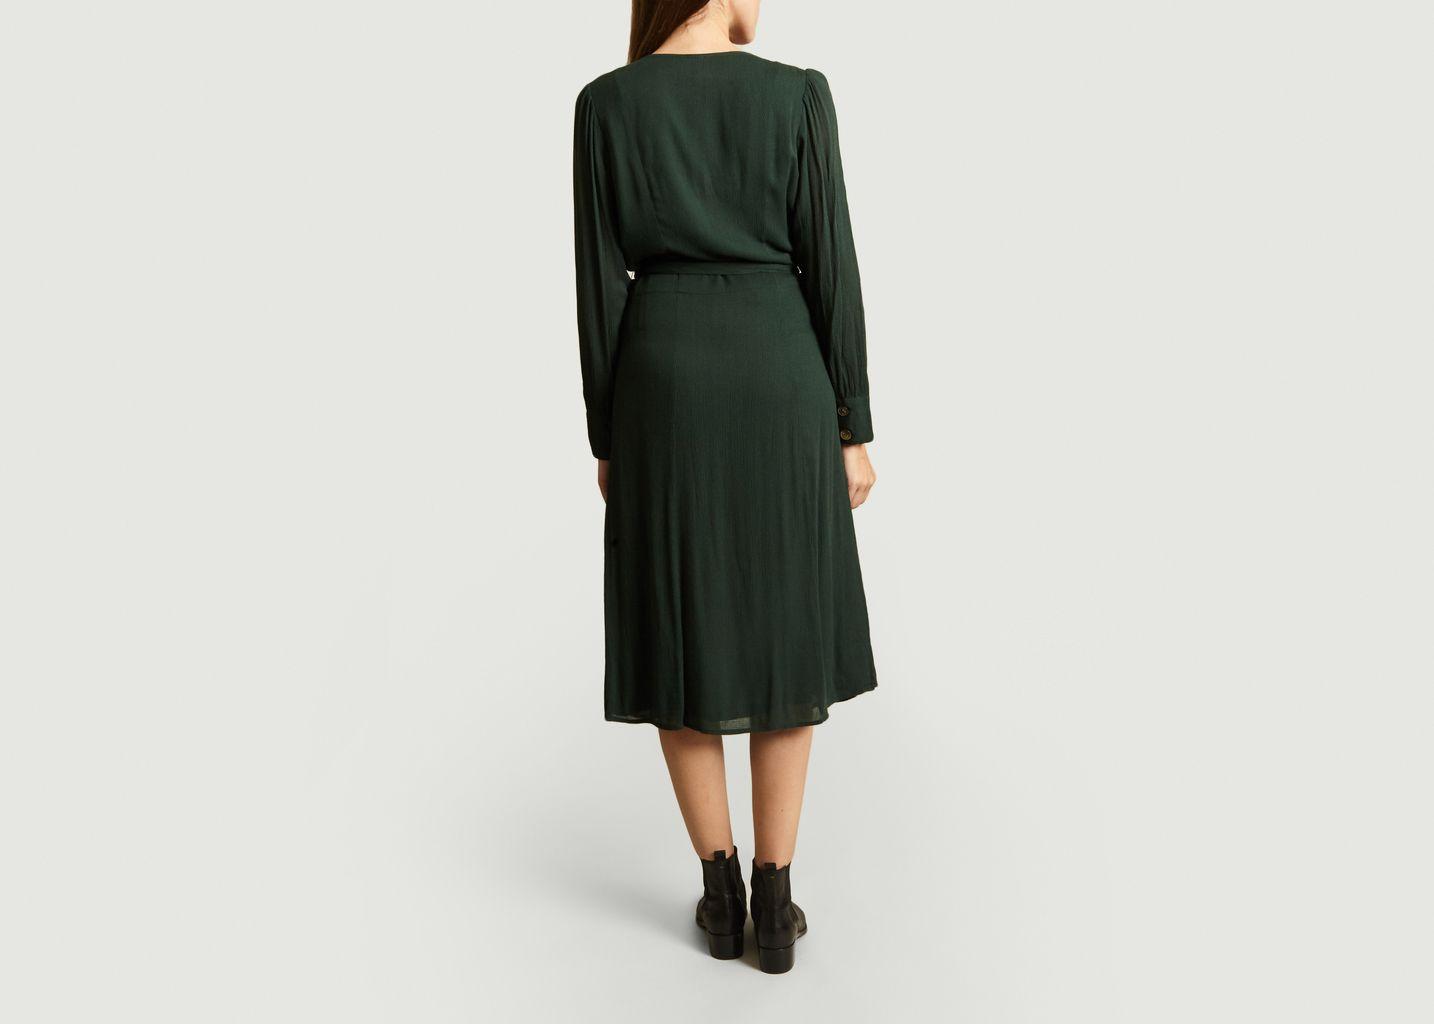 Robe Boutonnée Et Ceinturée Ninon - Jolie Jolie